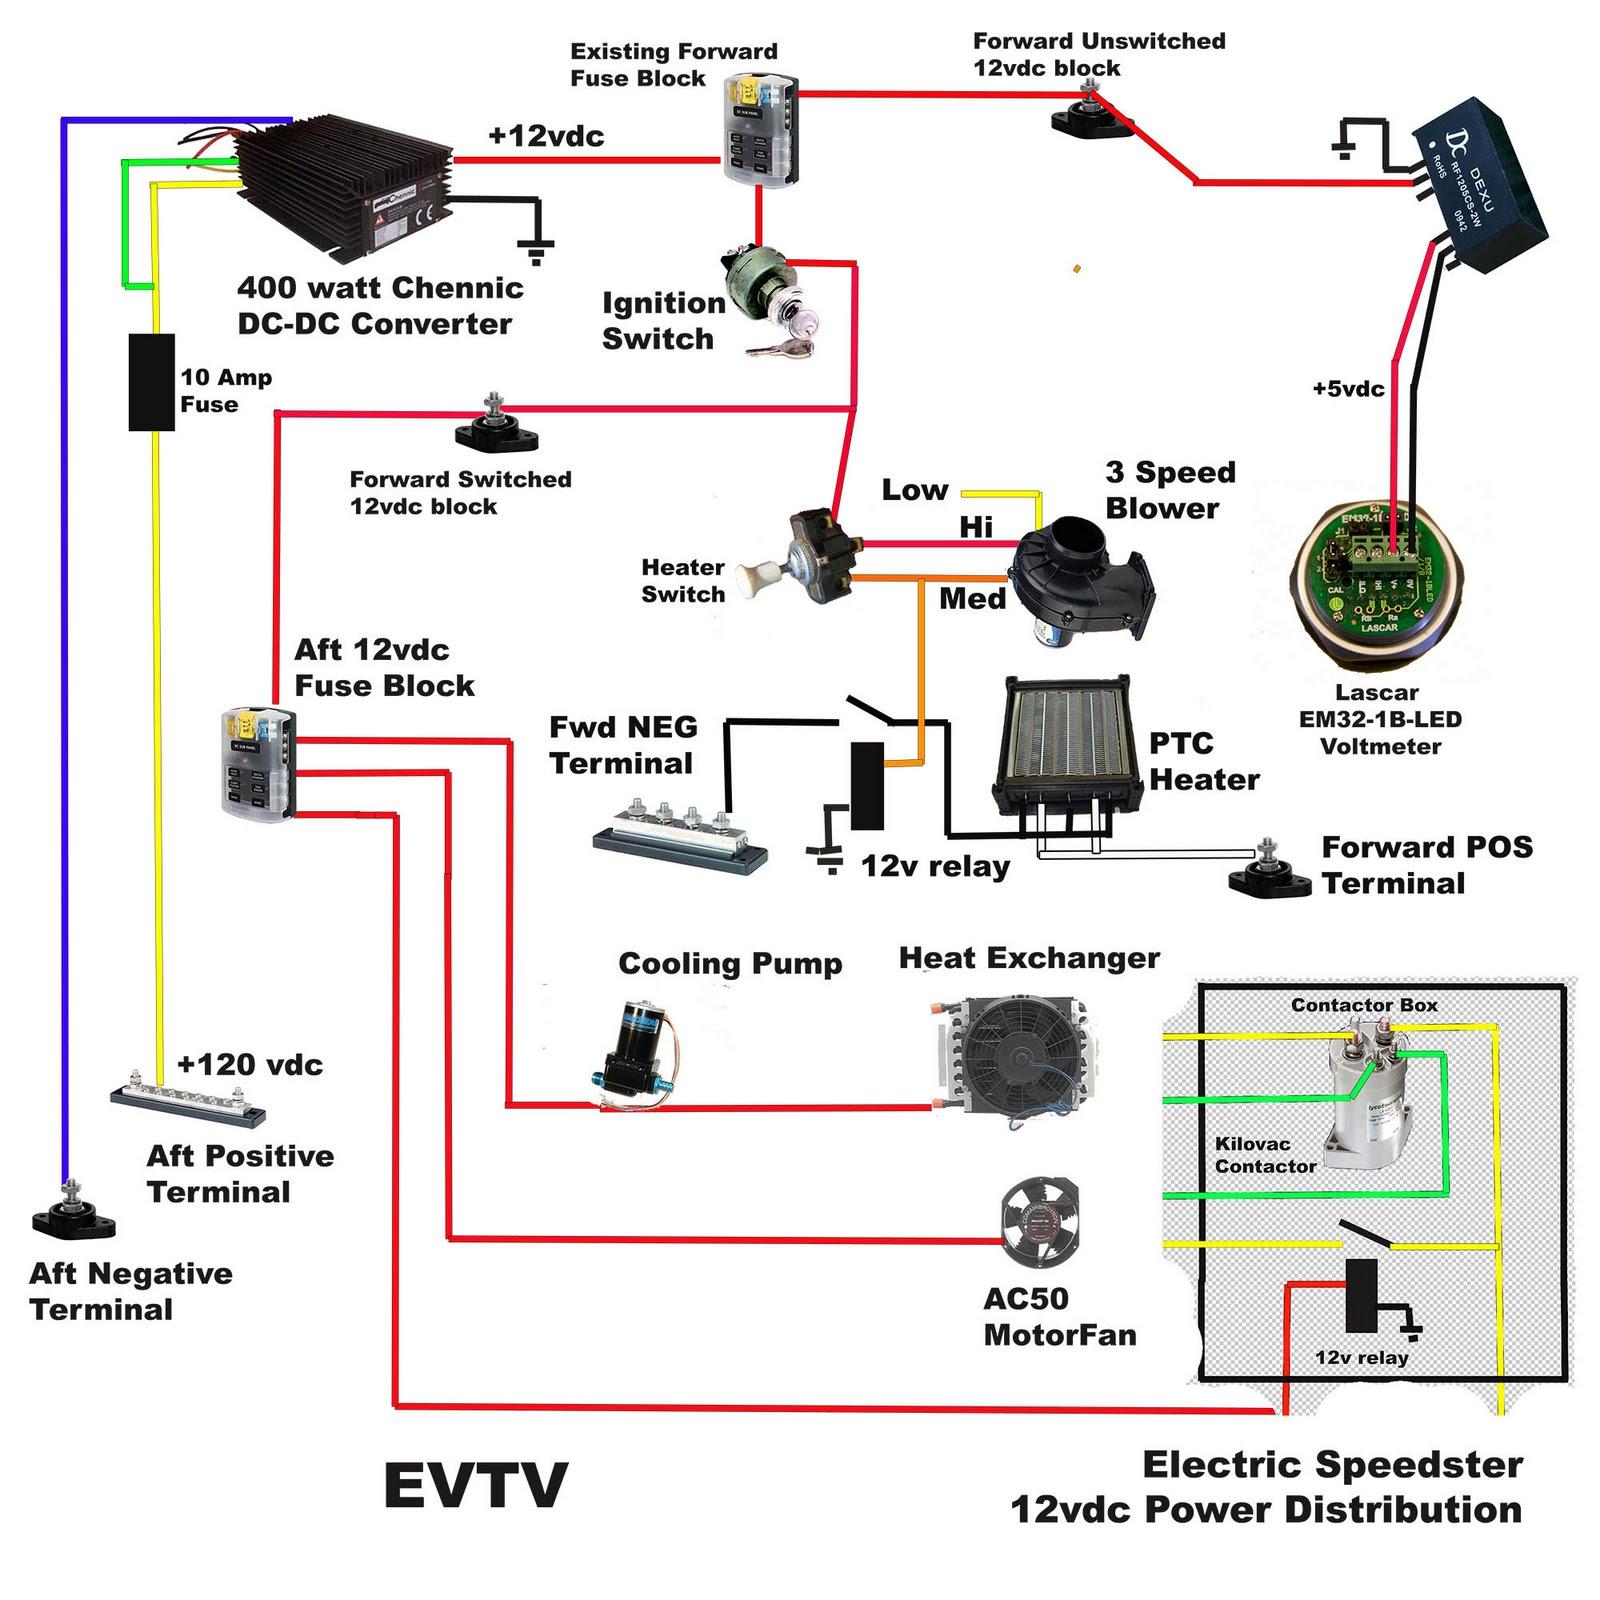 EVTVME: August 2010